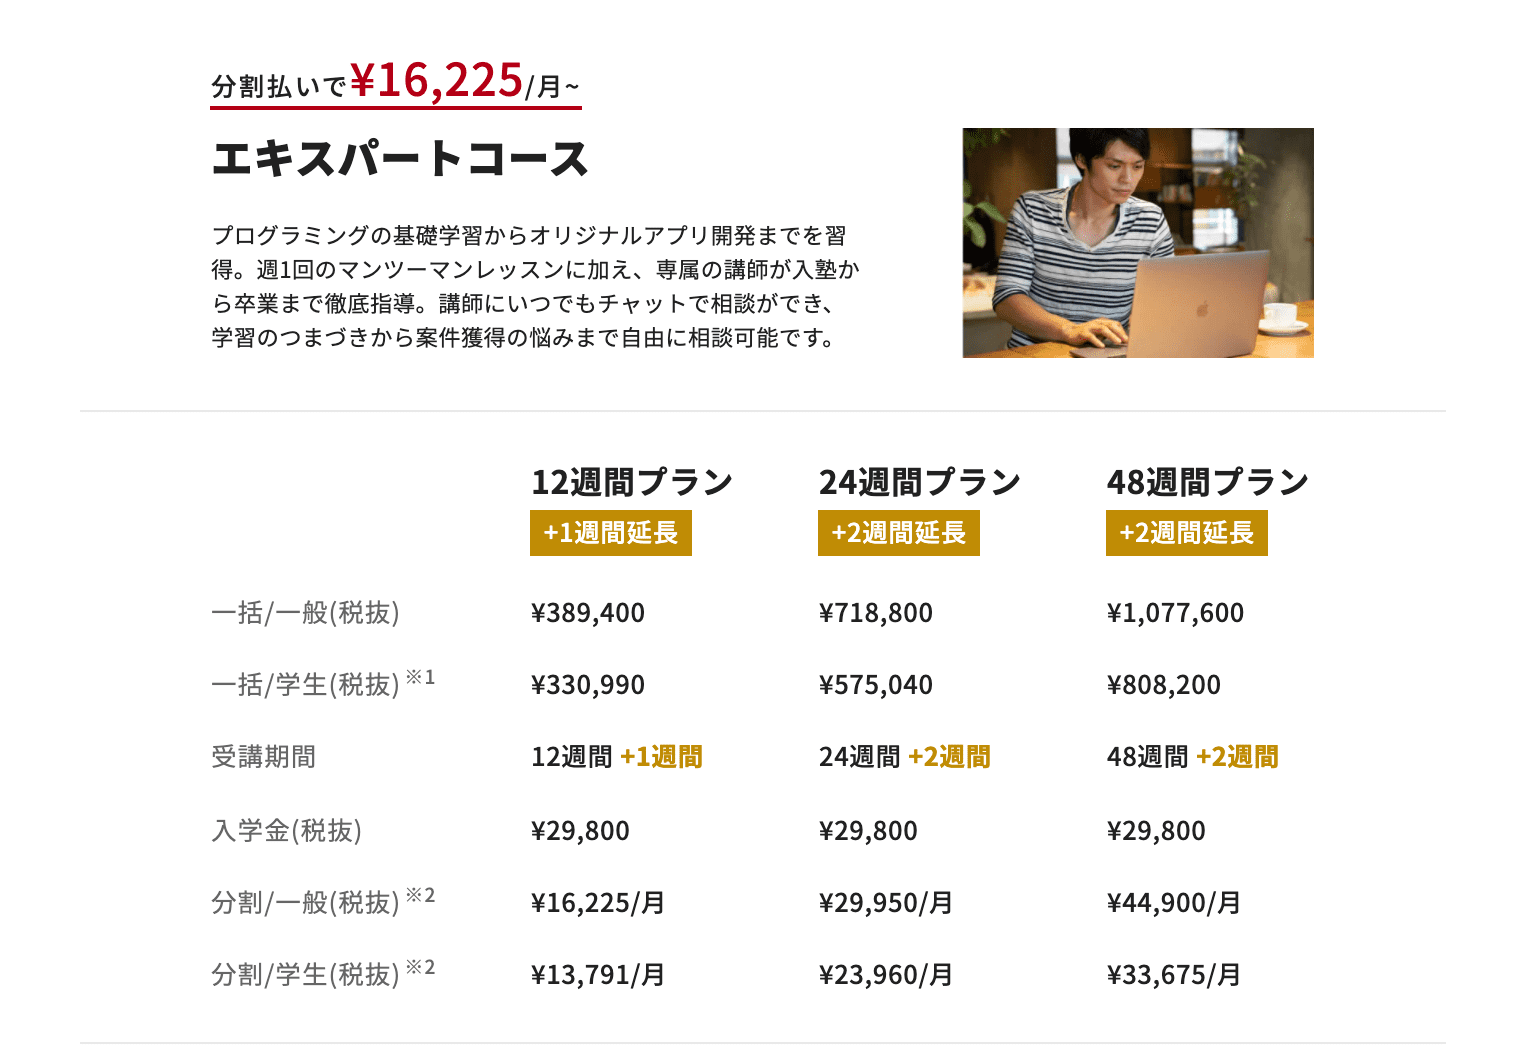 侍エンジニア塾